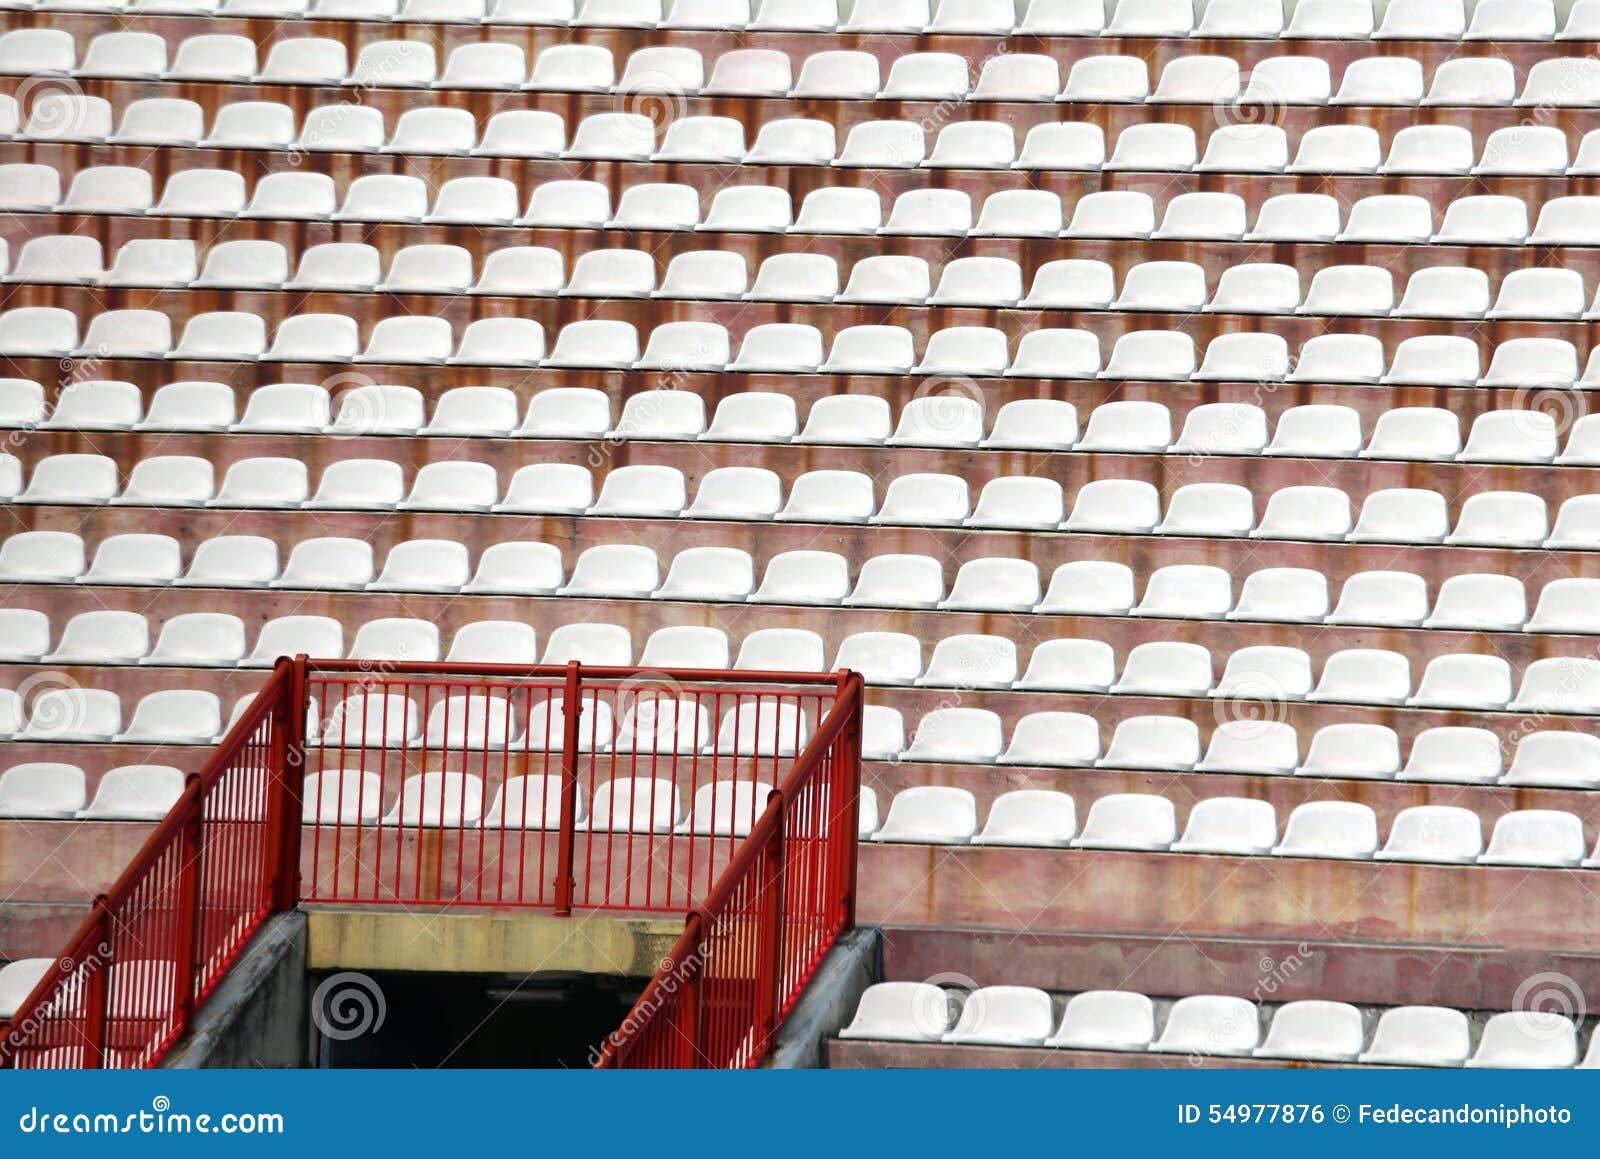 Stolar i stadion av fotboll utan folket